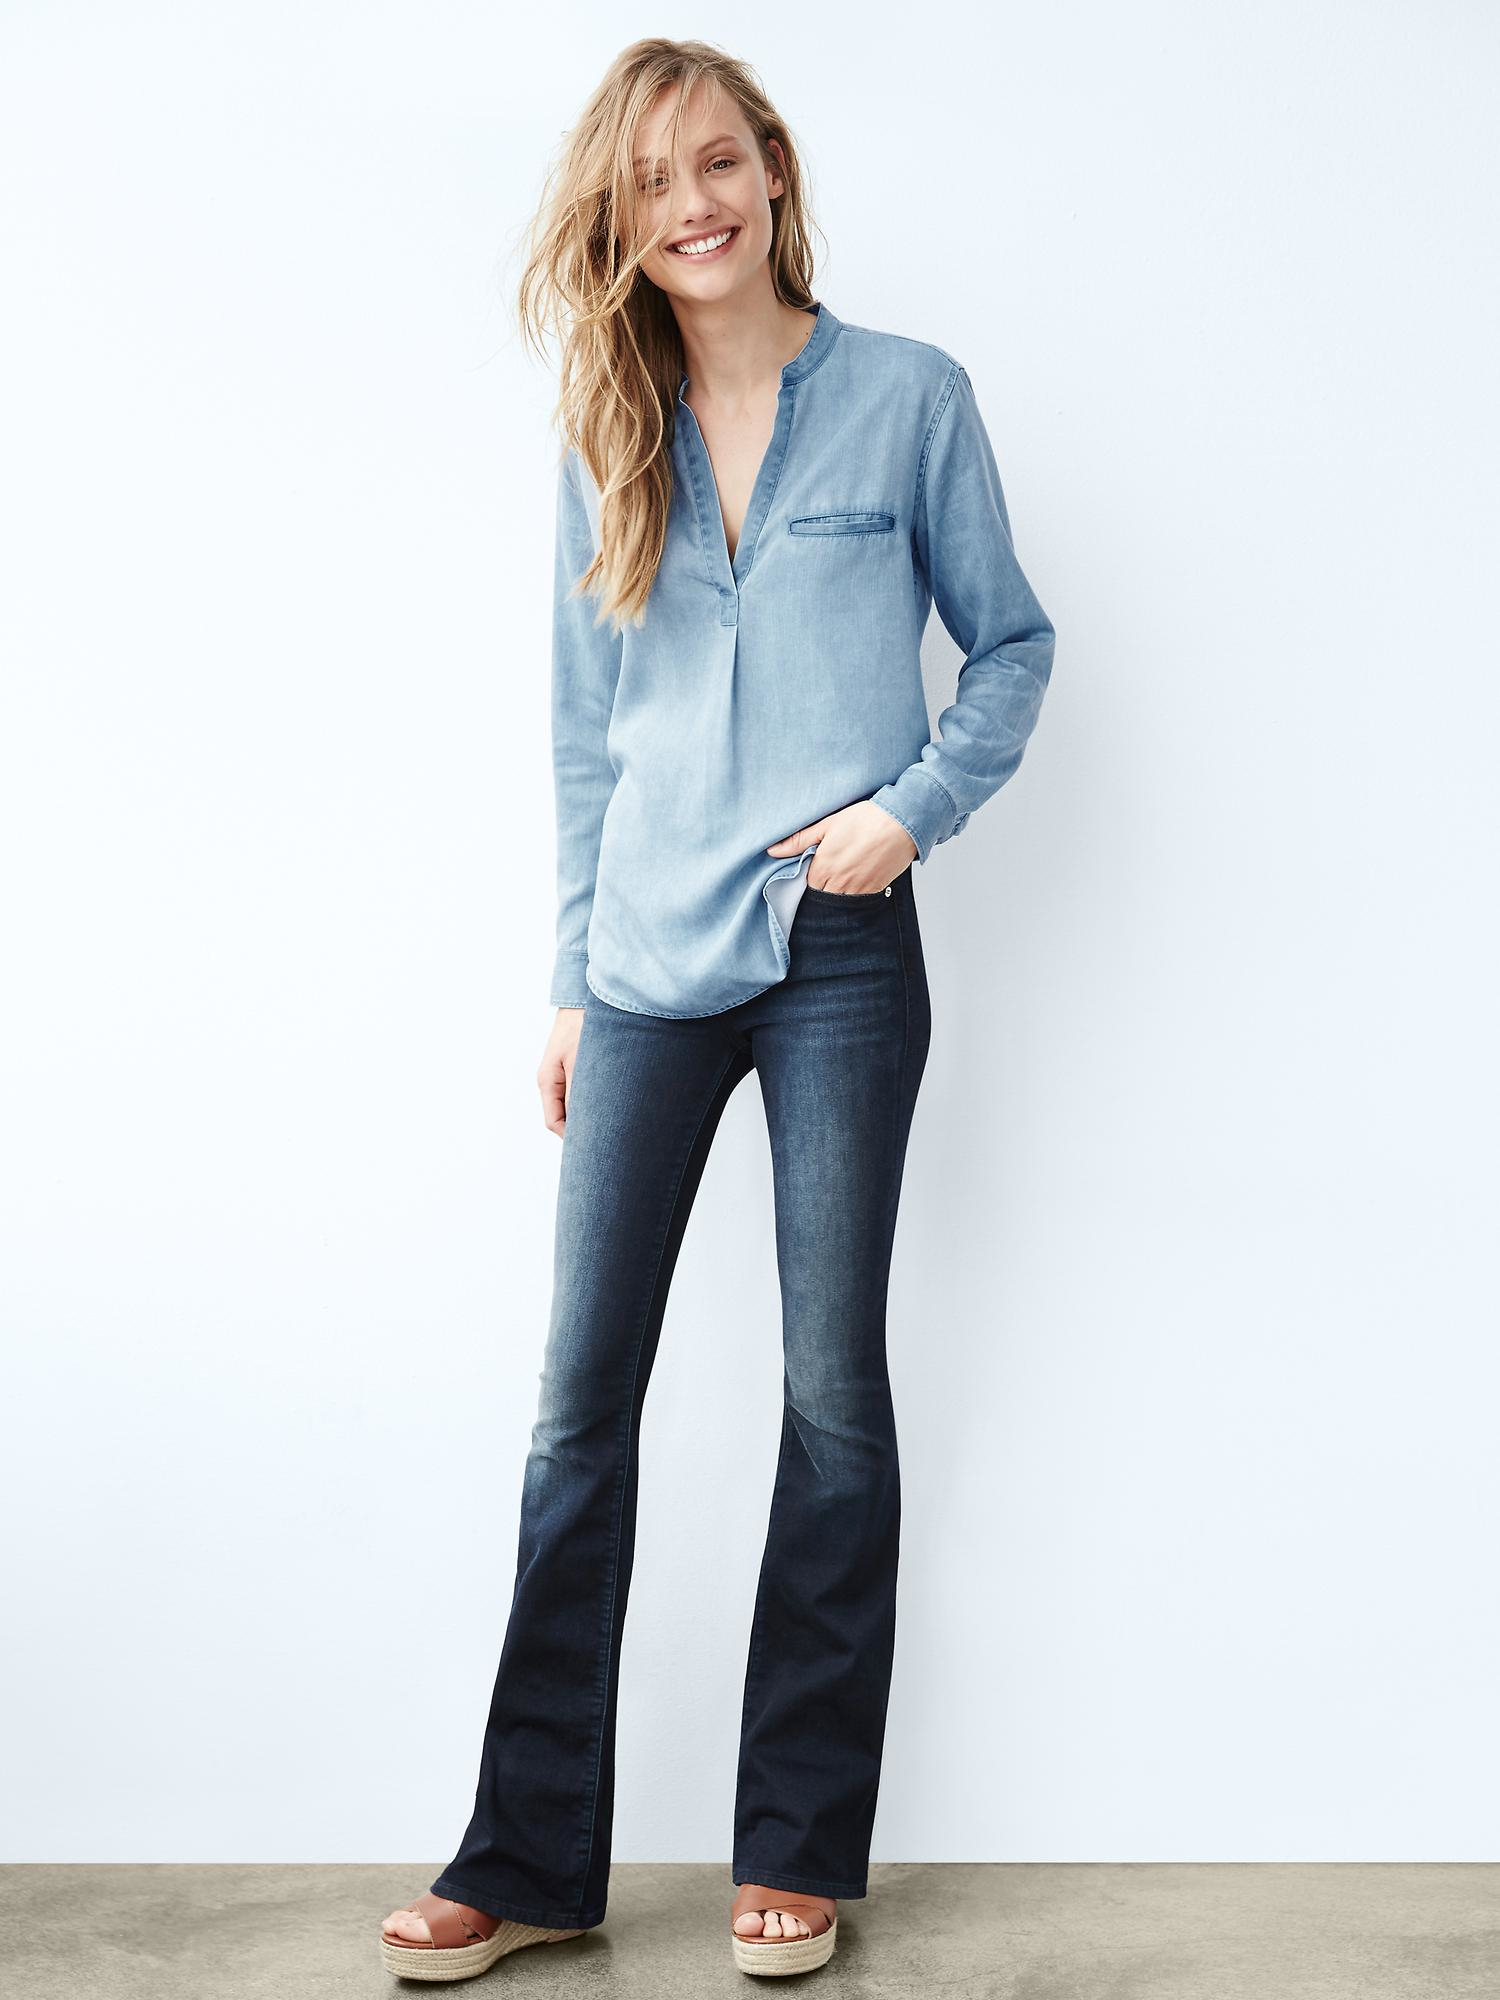 black skinny flare jeans - Jean Yu Beauty